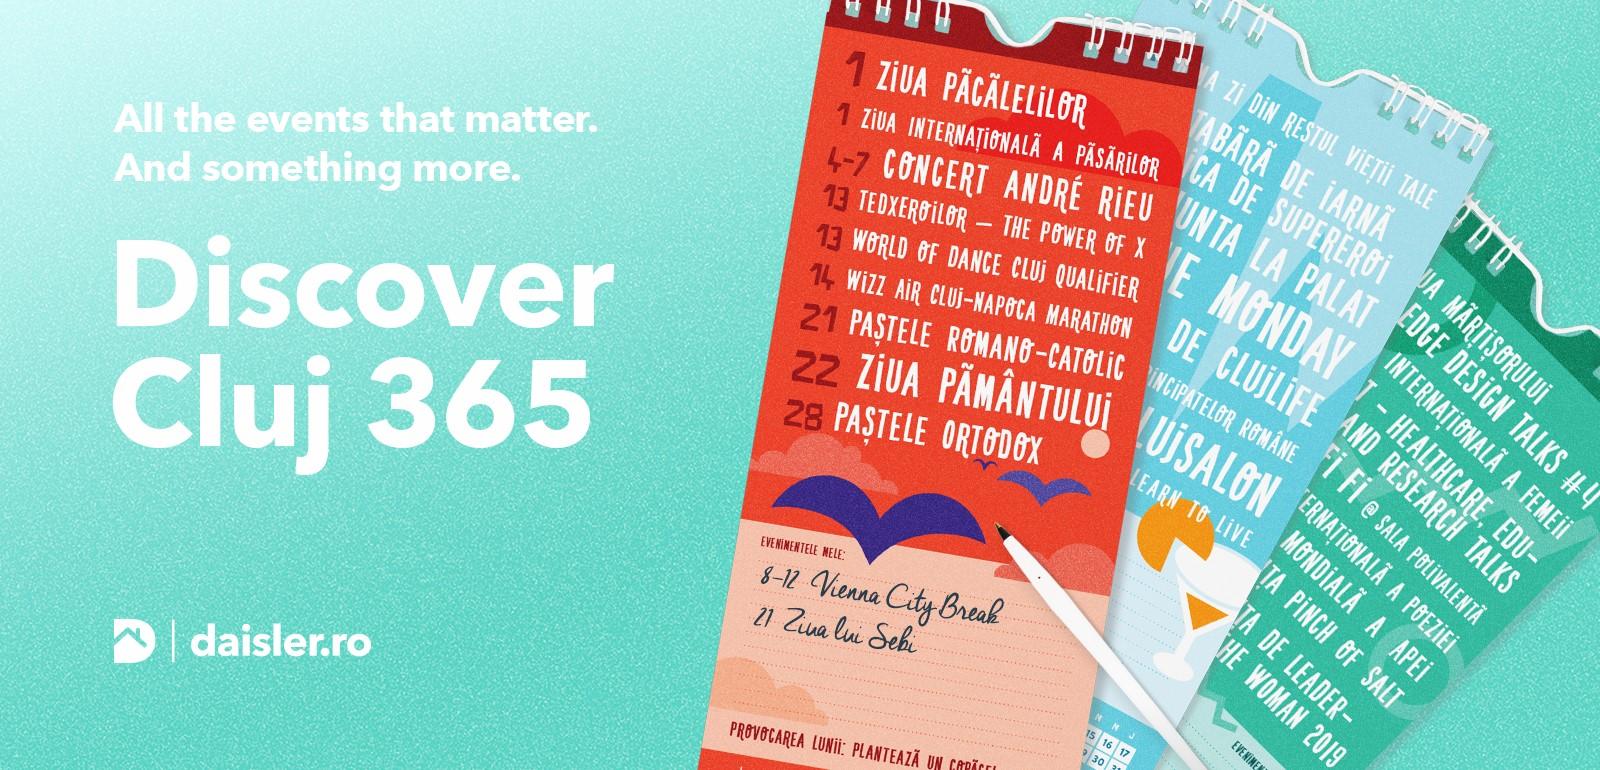 4 motive pentru care merită să dăruiești calendarul #Cluj365 de la Daisler